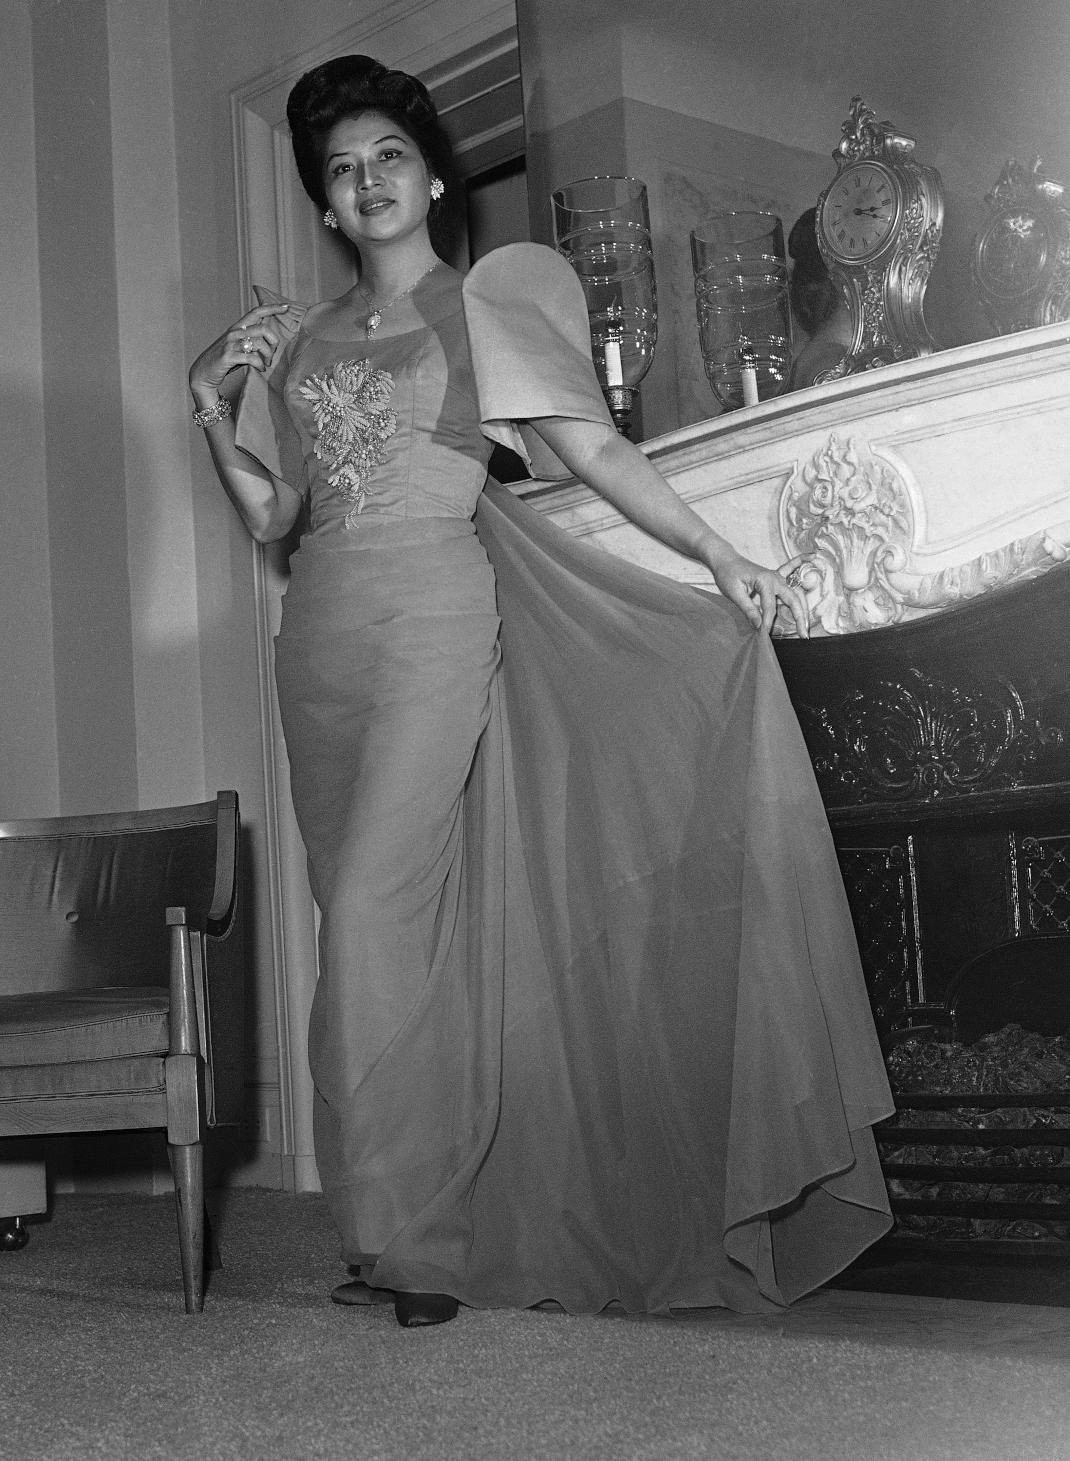 Η Ιμέλντα Μάρκος ως μοντέλο